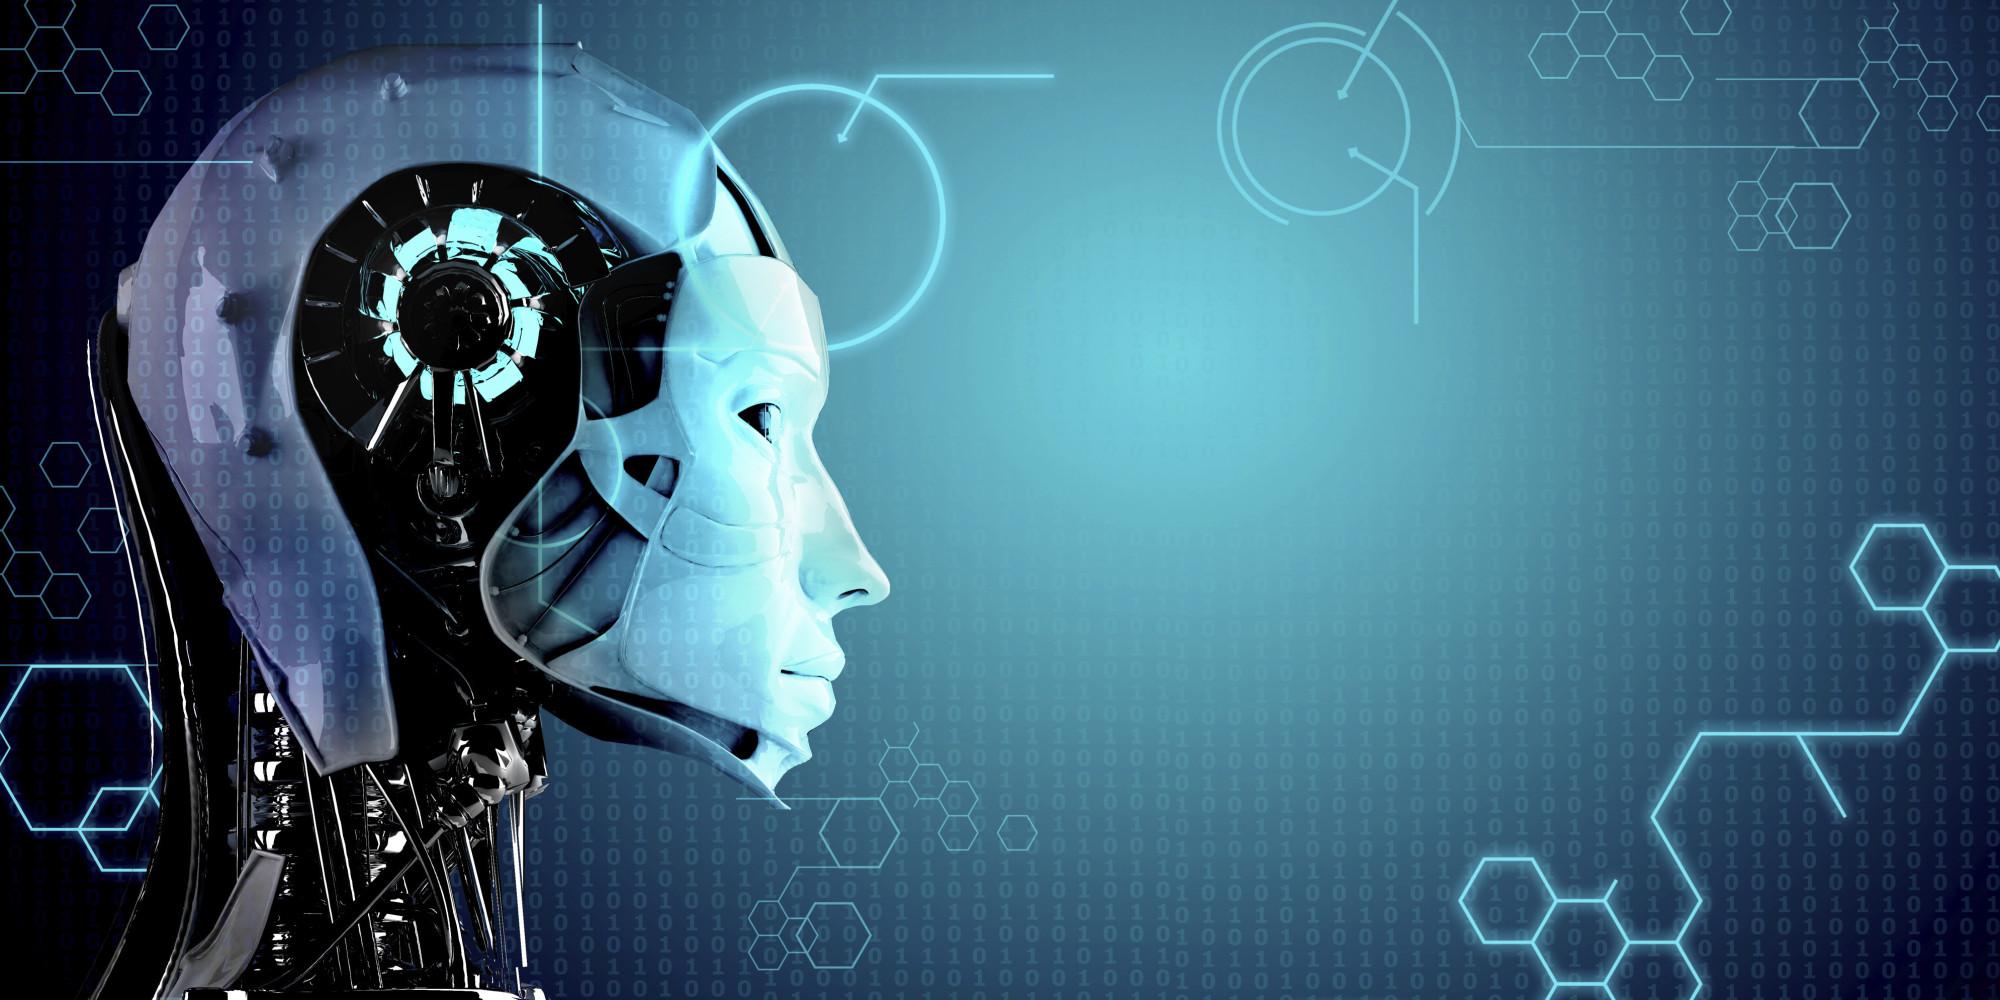 A inteligência artificial será nosso próximo Einstein